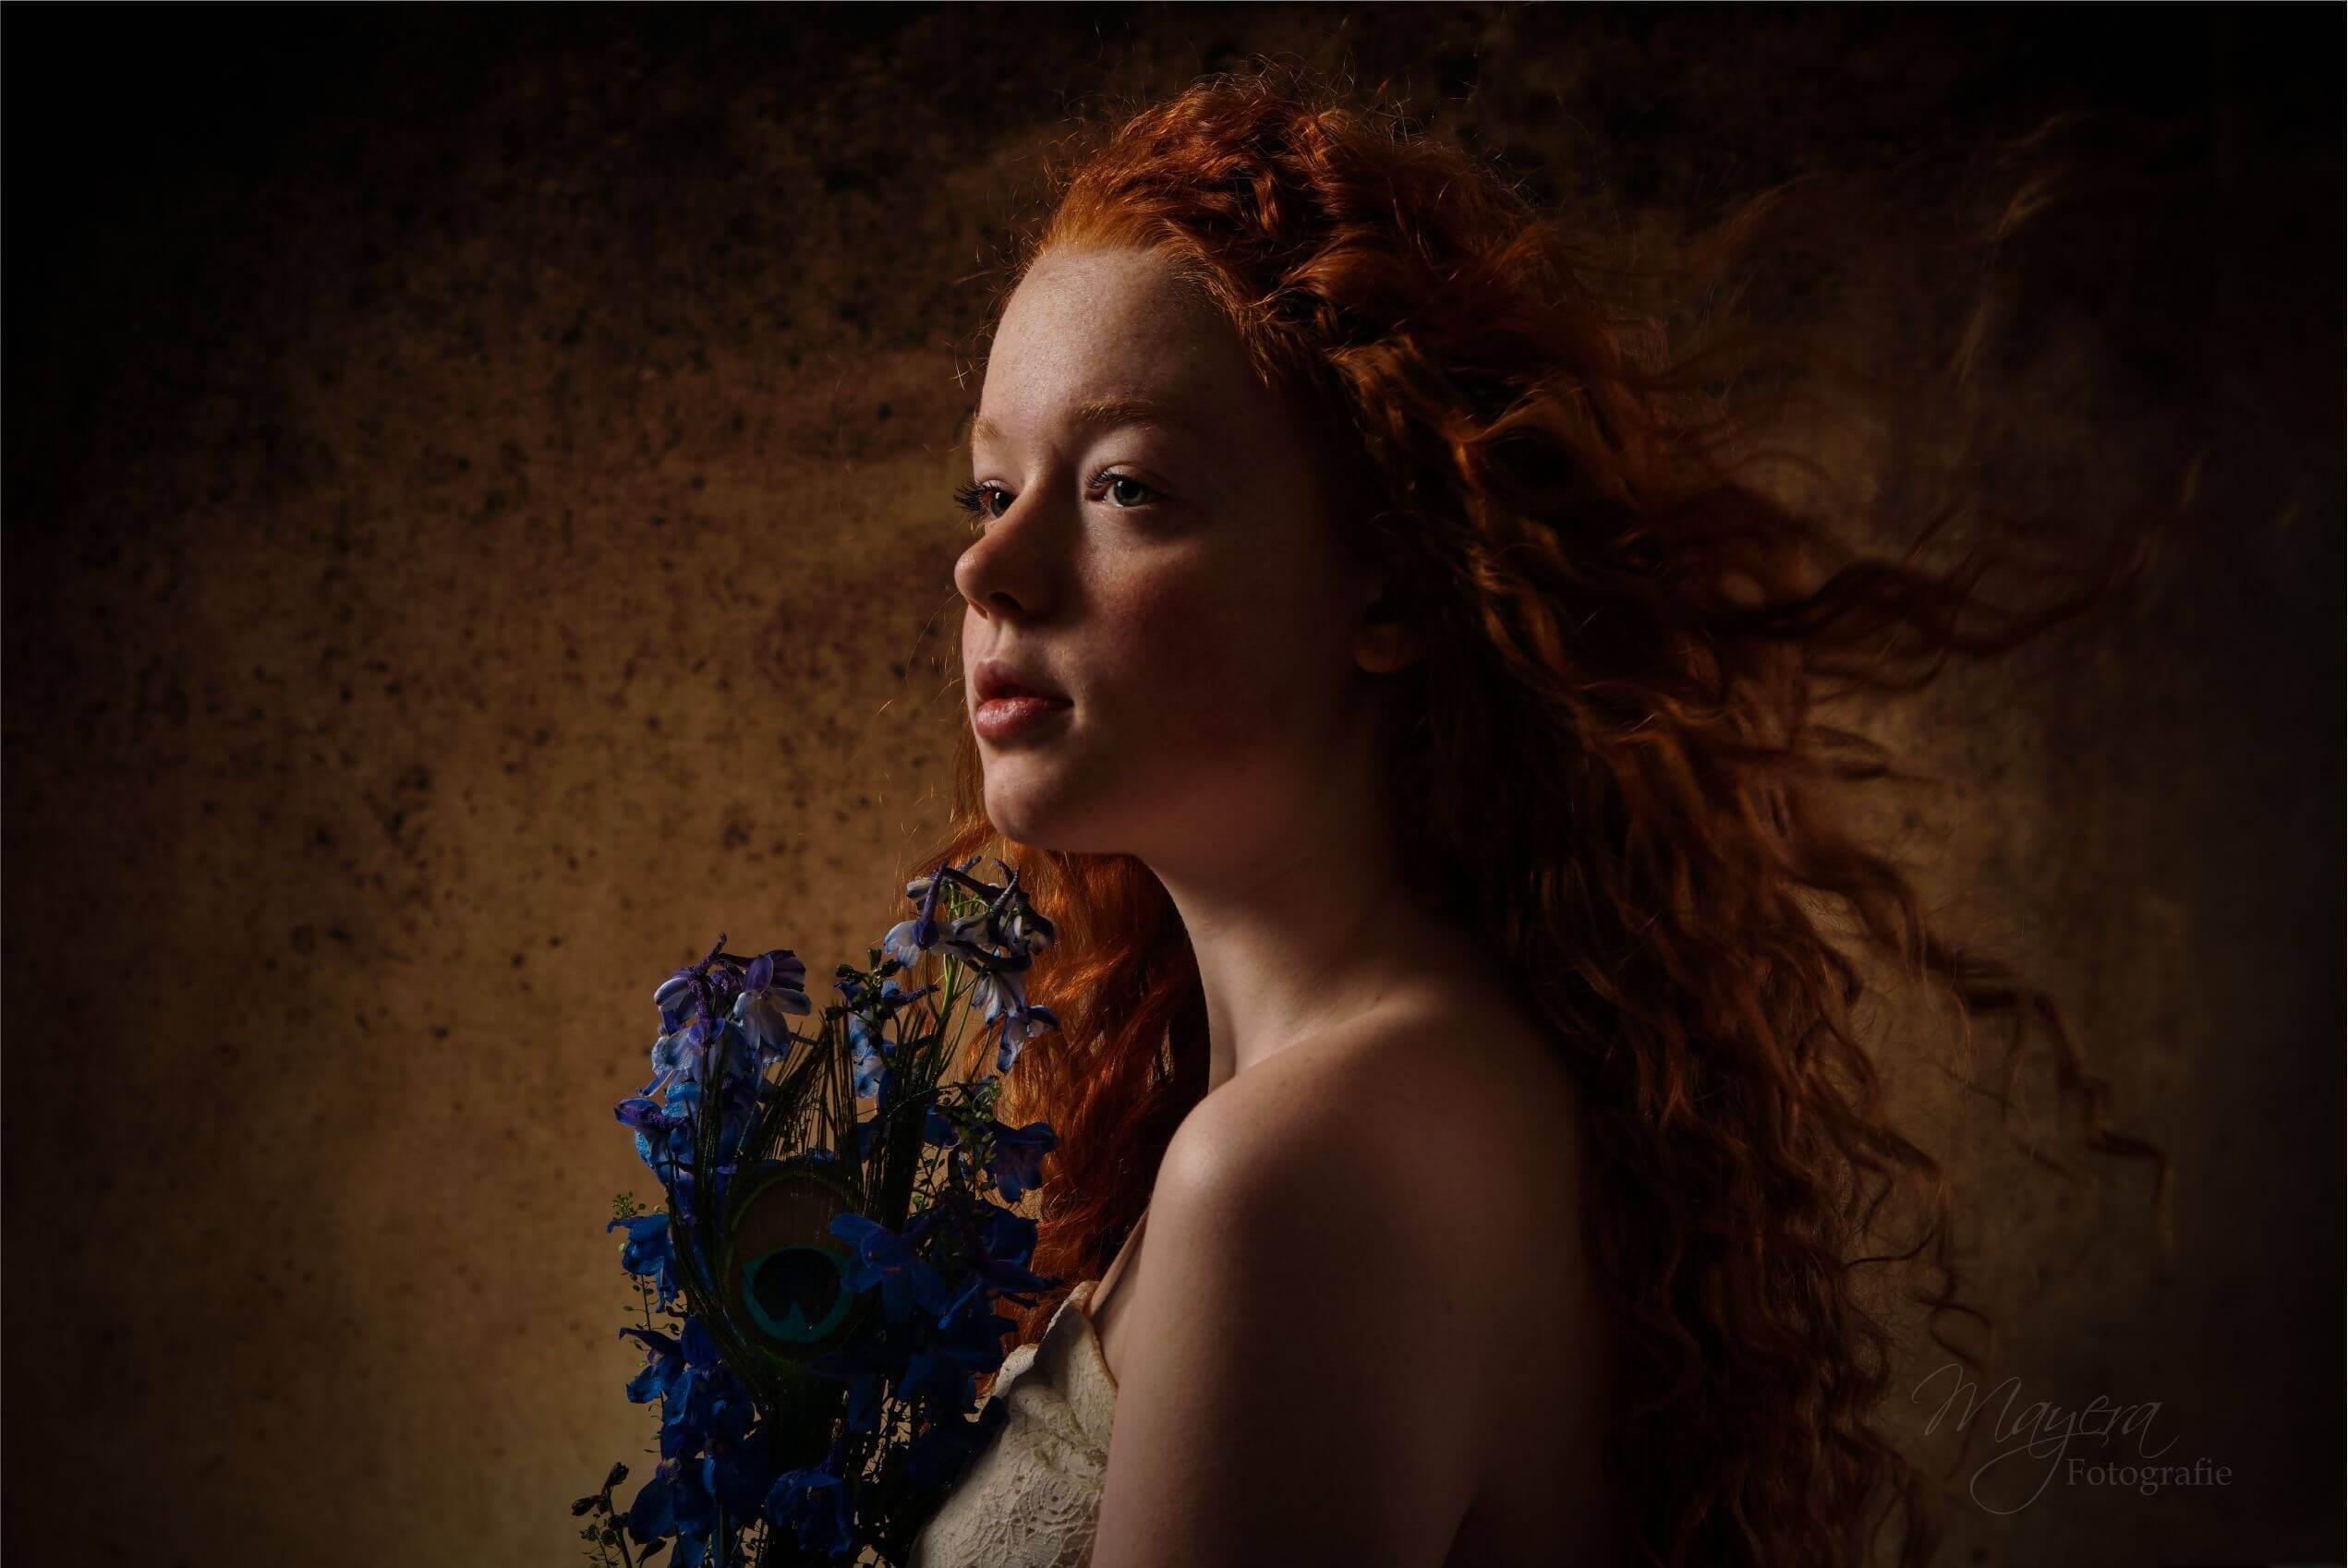 fine-art-portret-meisje-studio-1